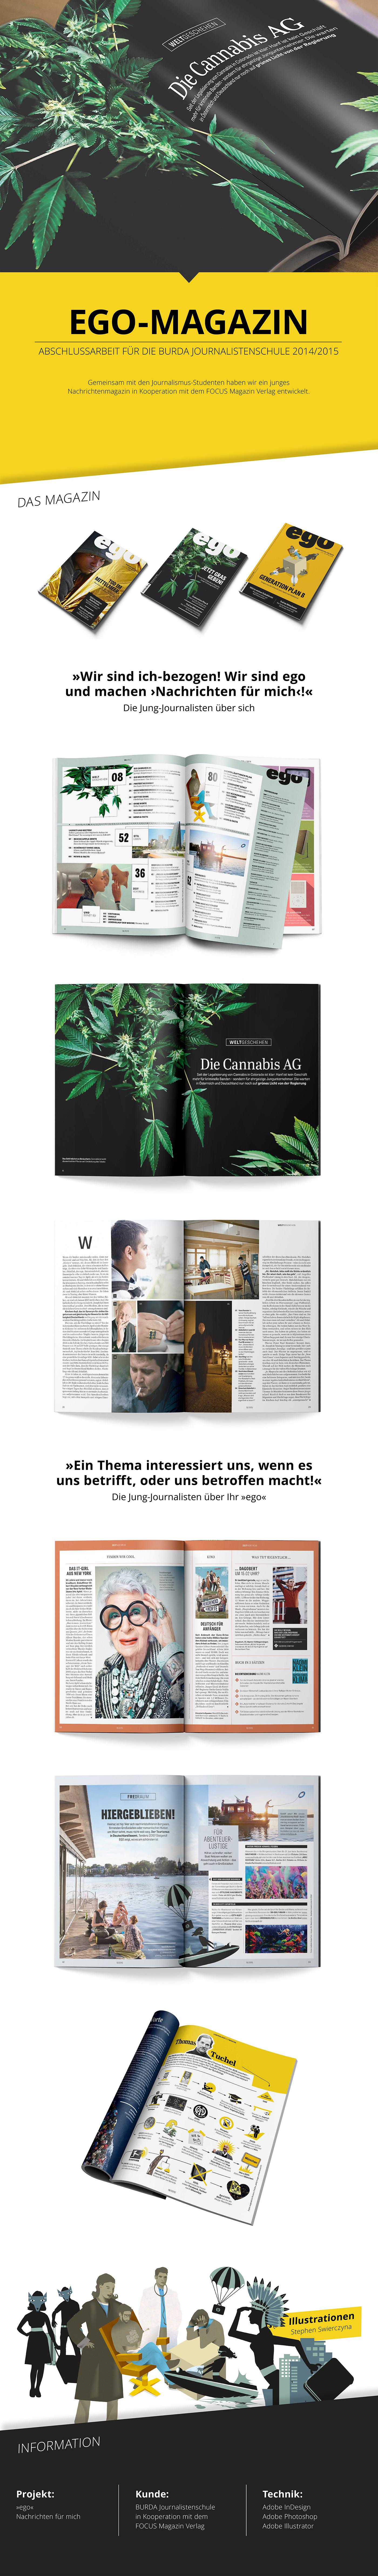 2issue,Focus,magazin